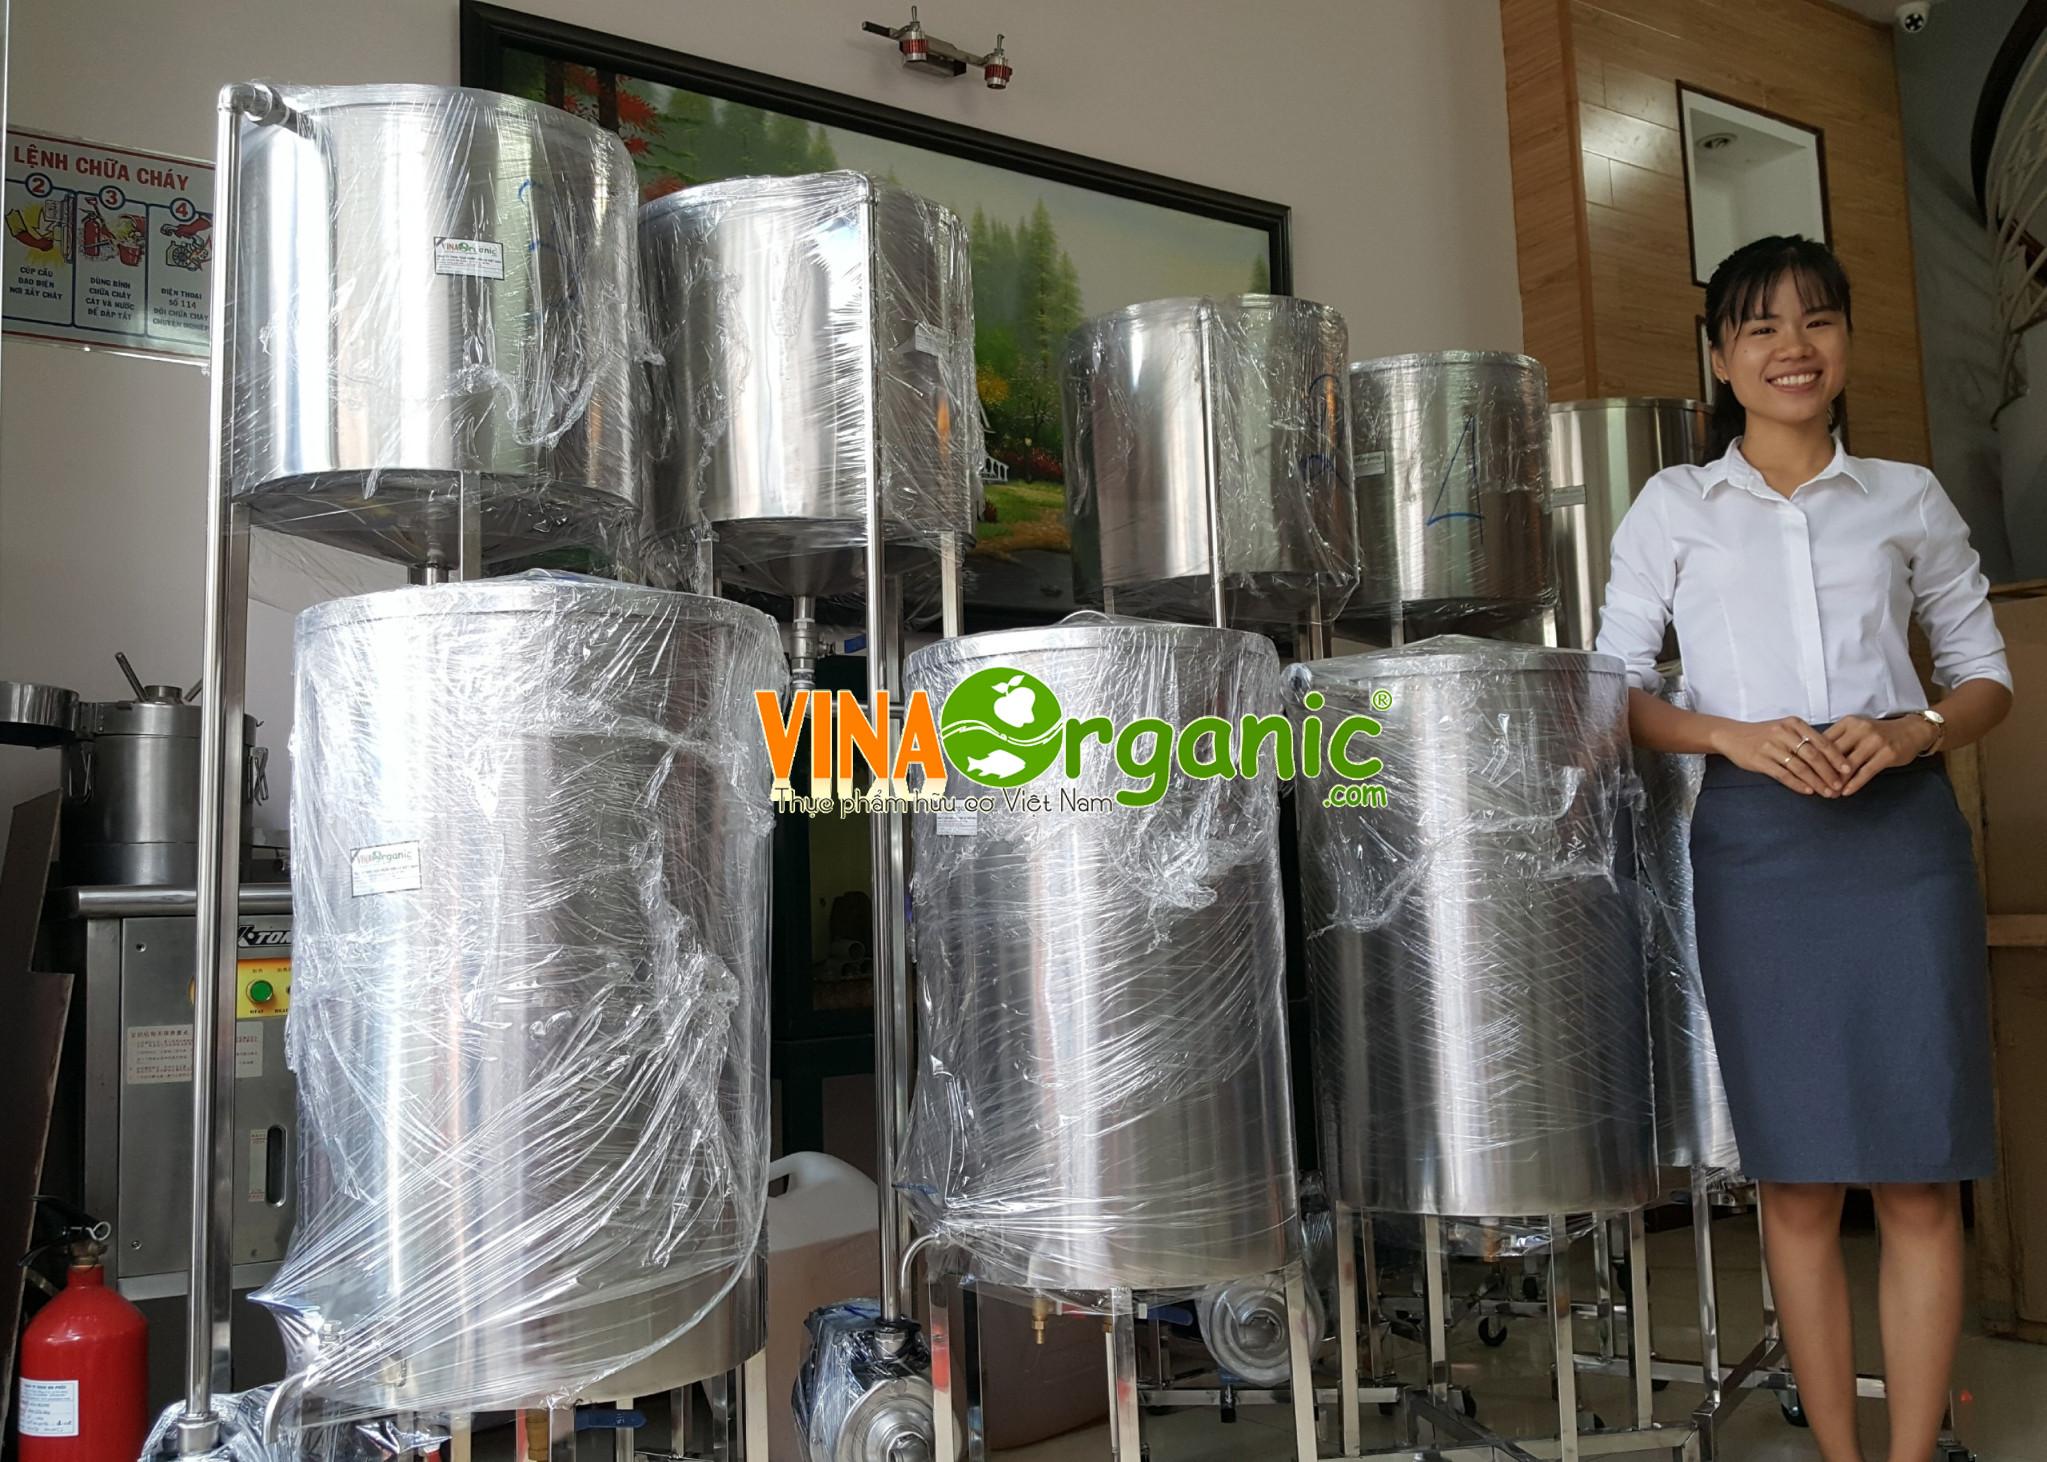 Thiết bị thanh trùng, làm lạnh nhanh sữa và nước giải khát VinaOrganic